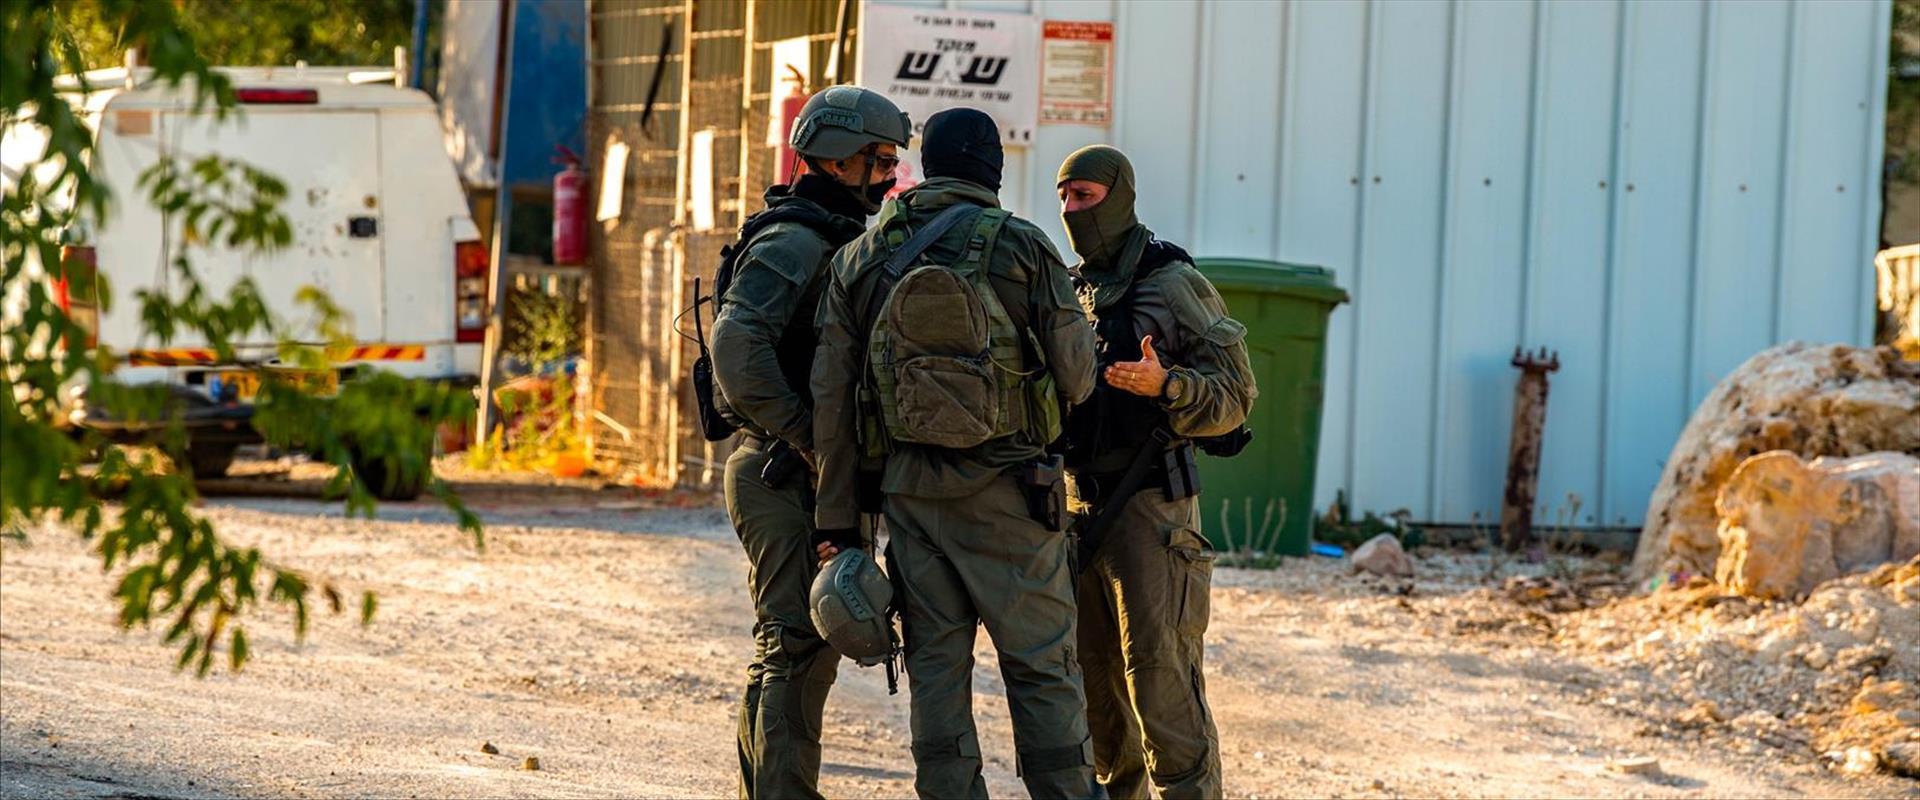 La chasse aux terroristes en fuite se poursuit en Israël